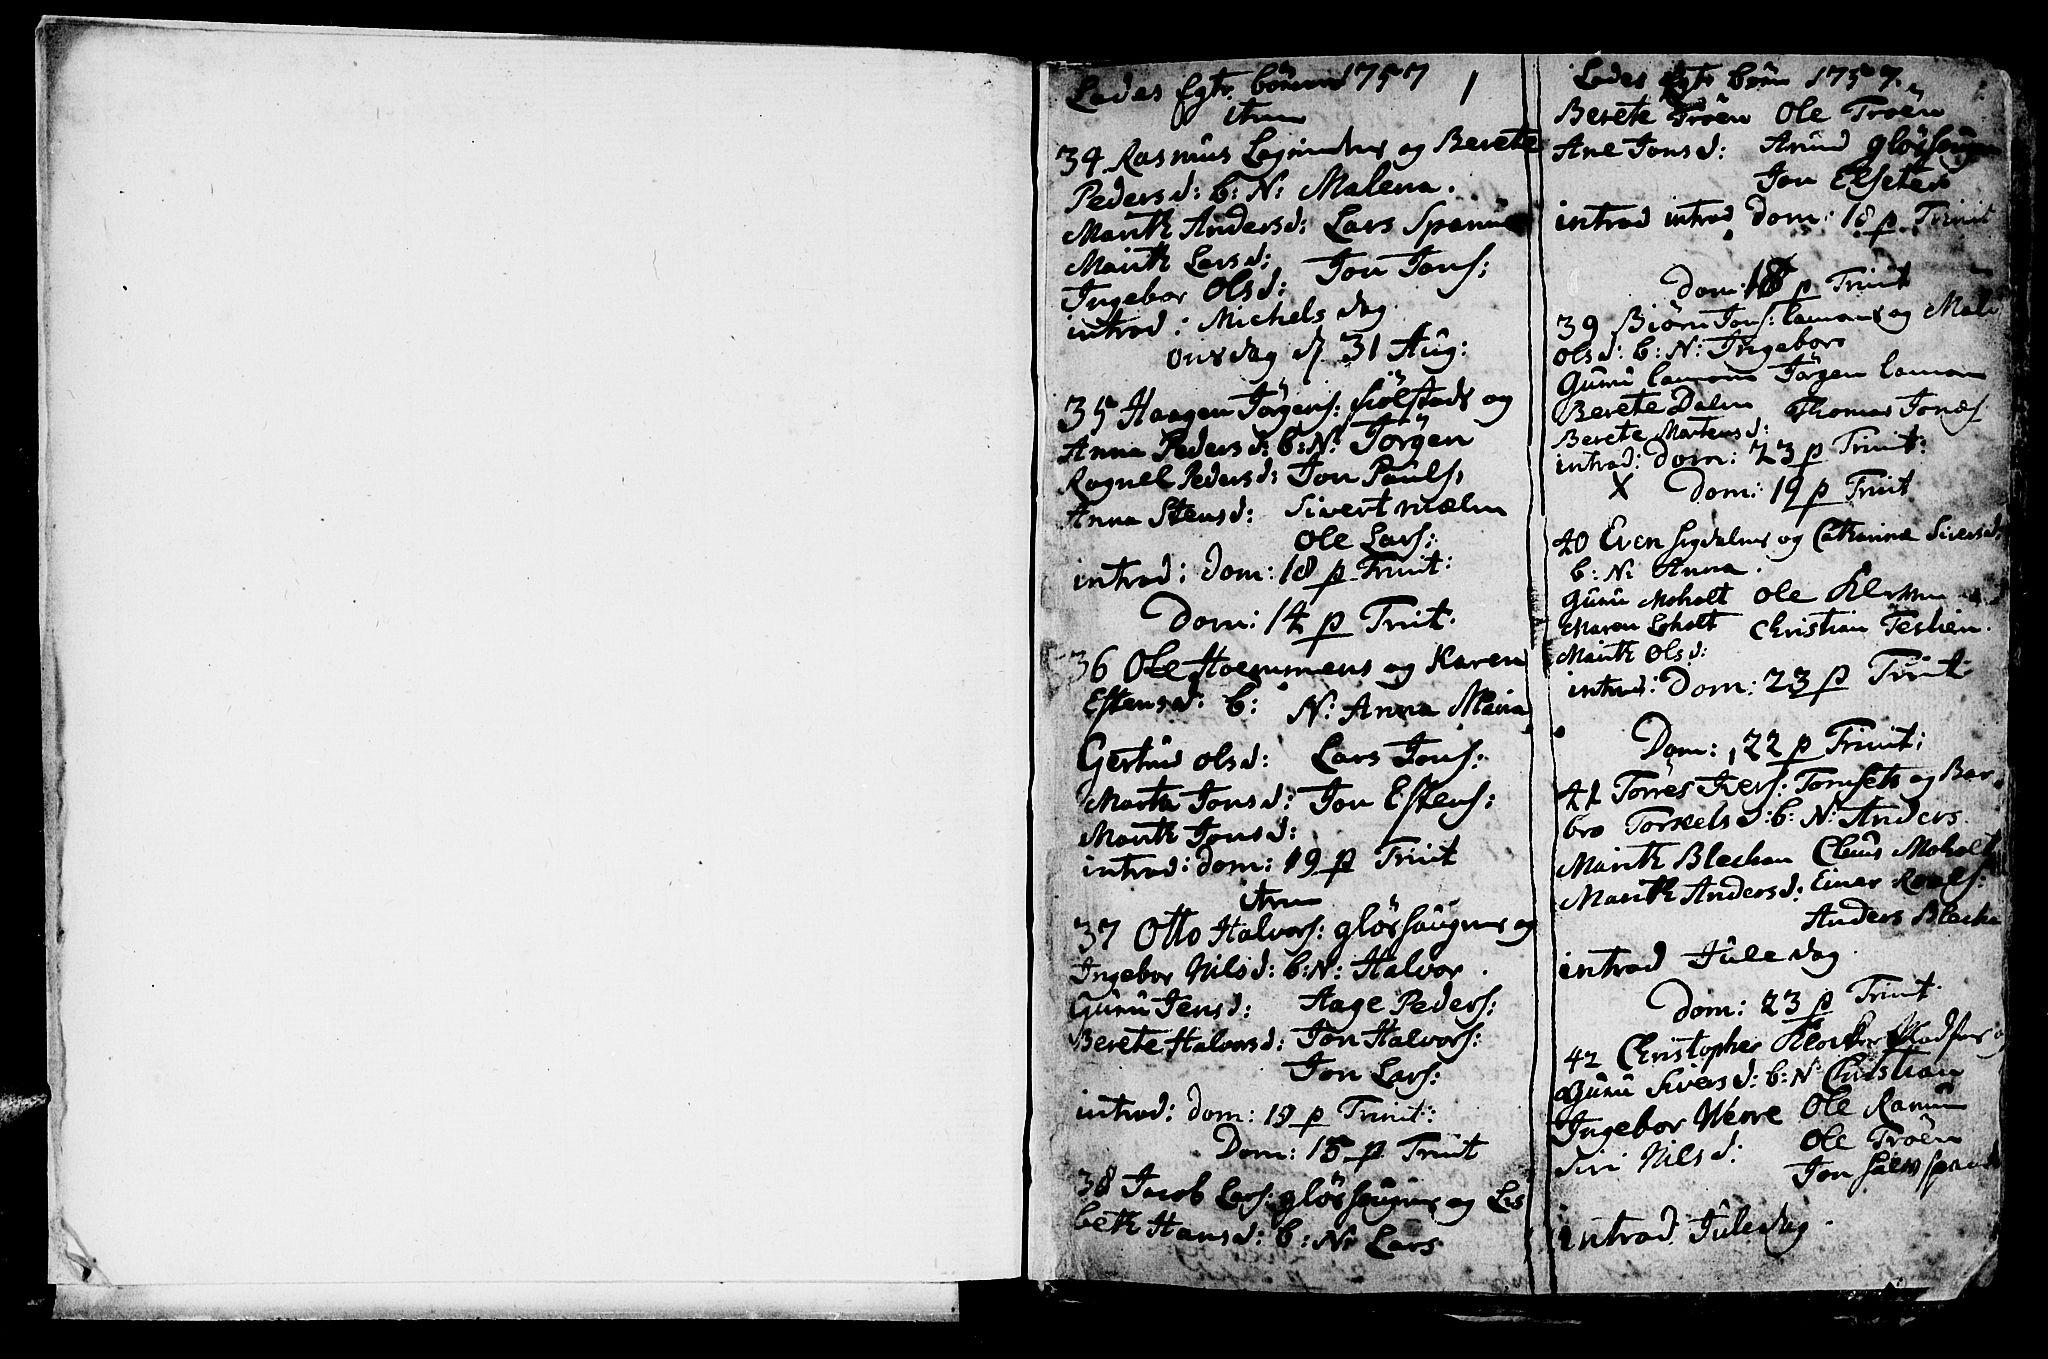 SAT, Ministerialprotokoller, klokkerbøker og fødselsregistre - Sør-Trøndelag, 606/L0305: Klokkerbok nr. 606C01, 1757-1819, s. 1